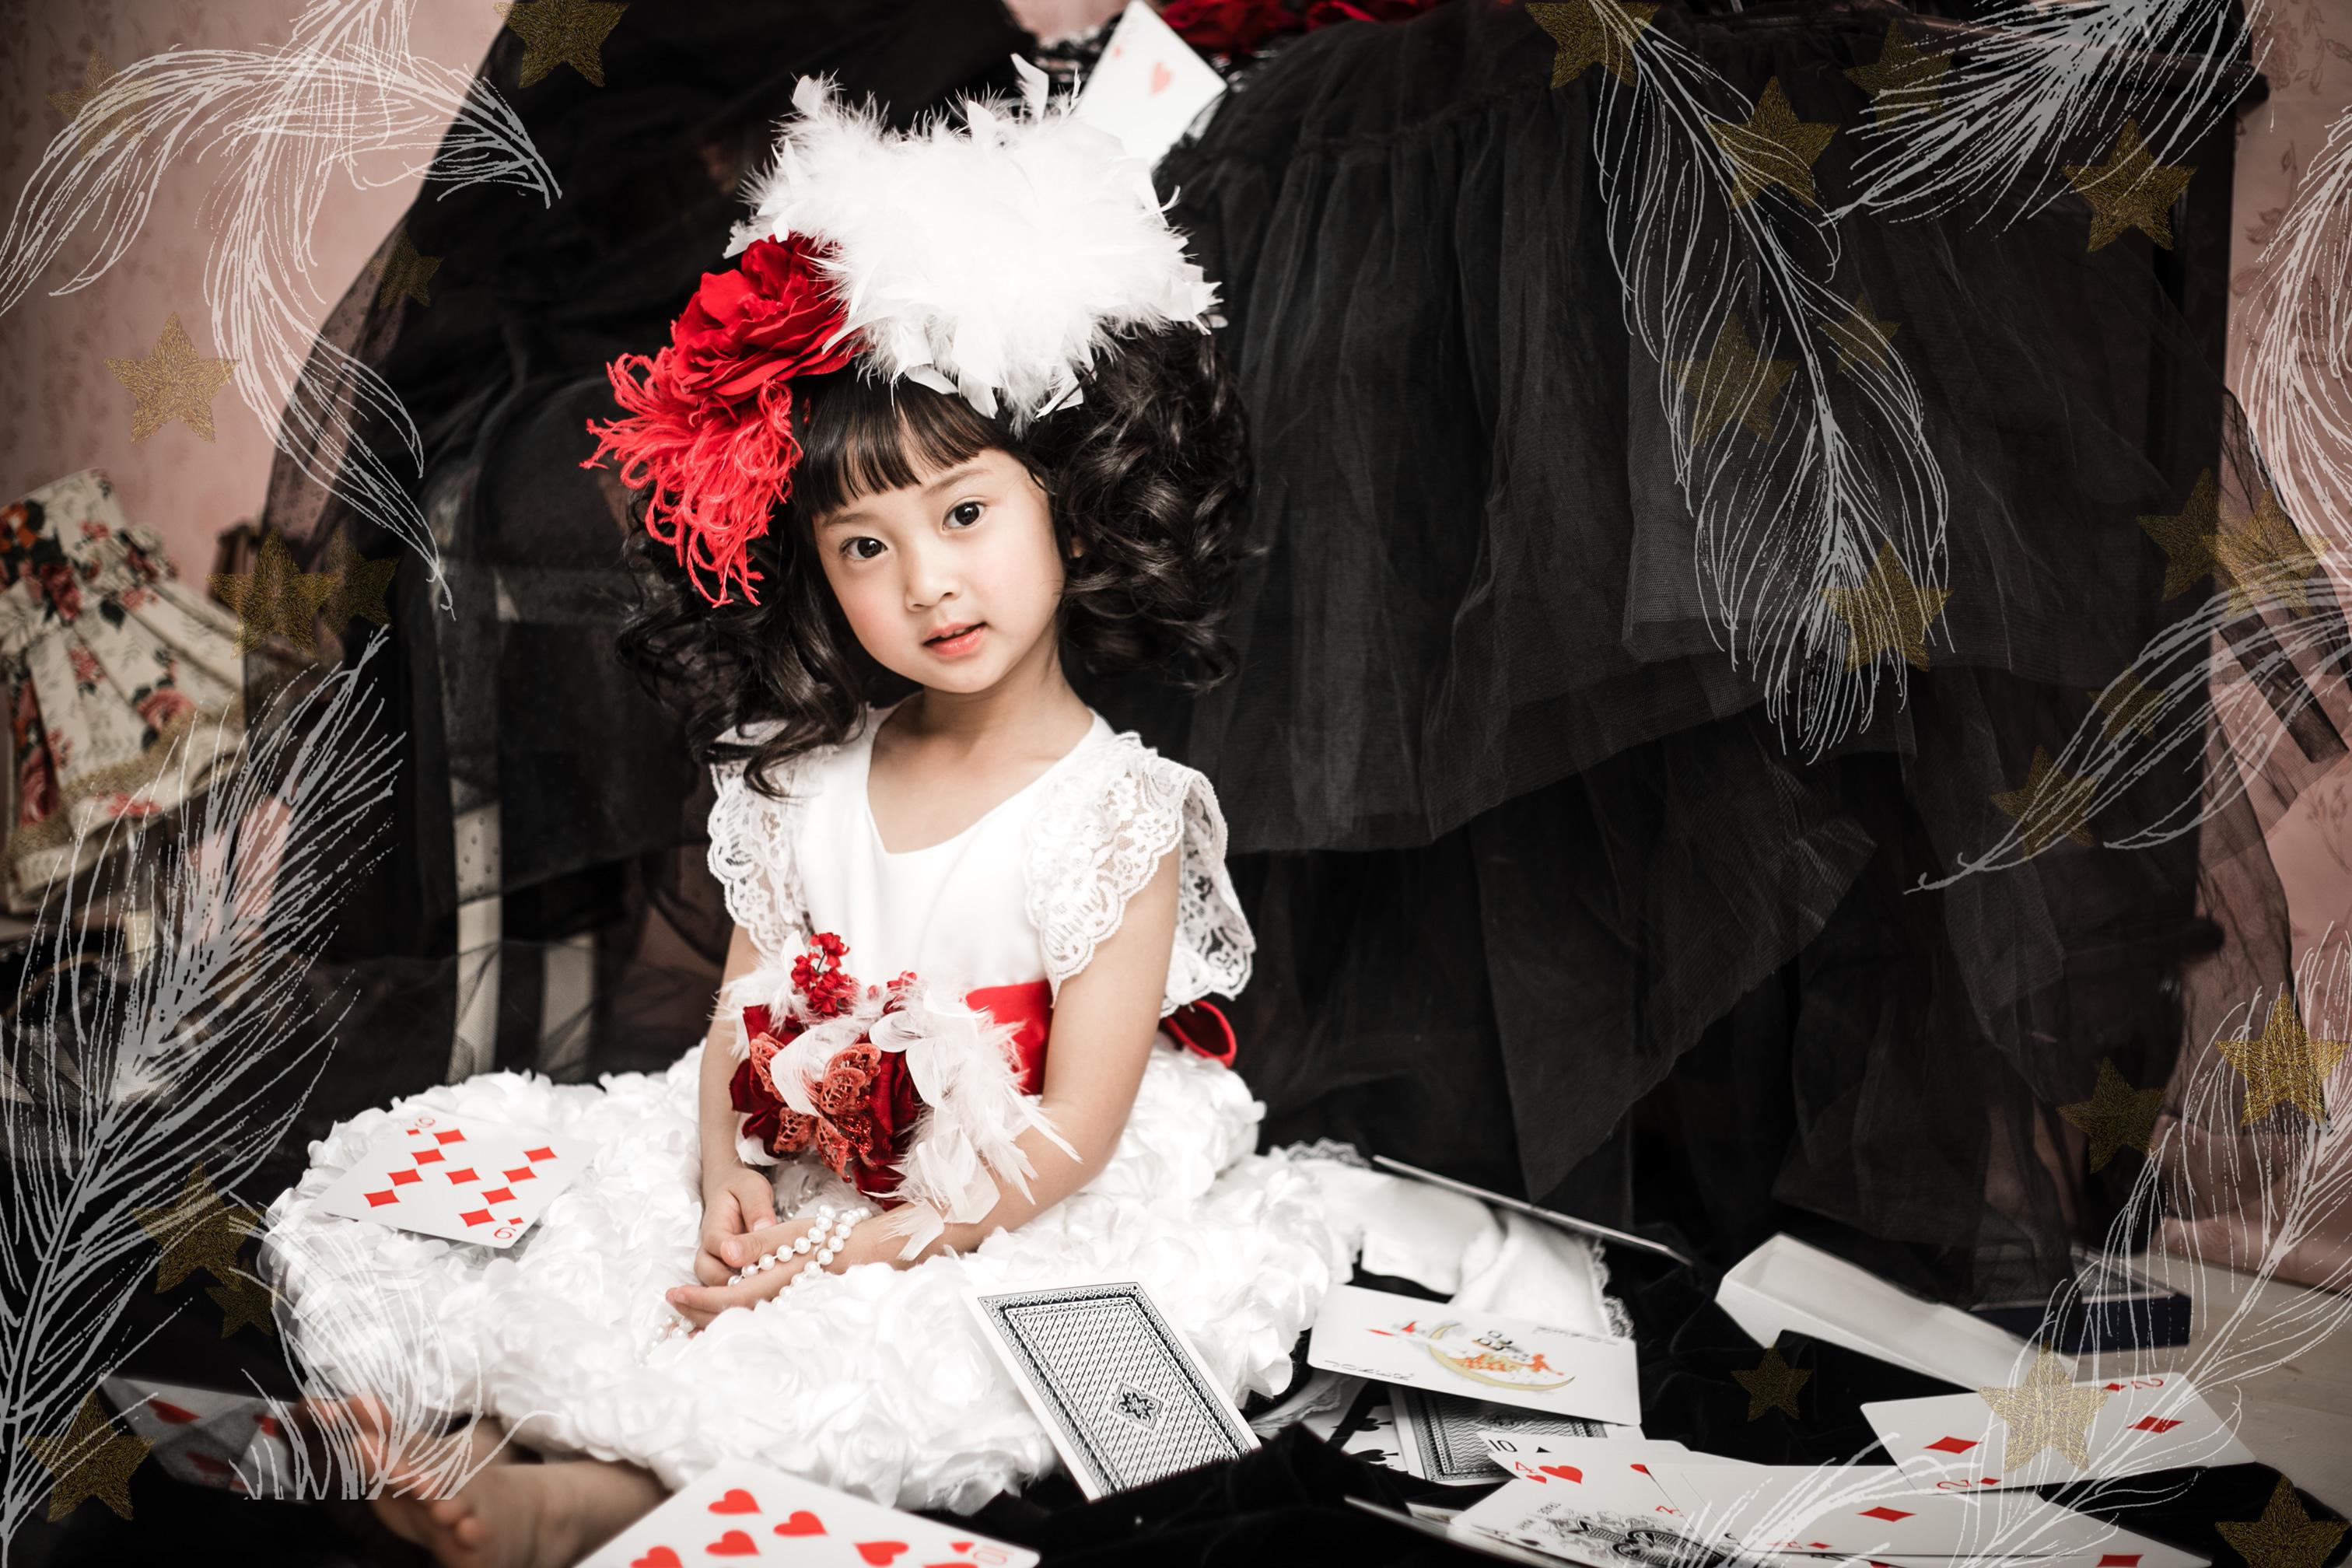 レンタルドレス ホワイトサテンローズとレッドリボンラグジュアリーベビードレス「honoka」